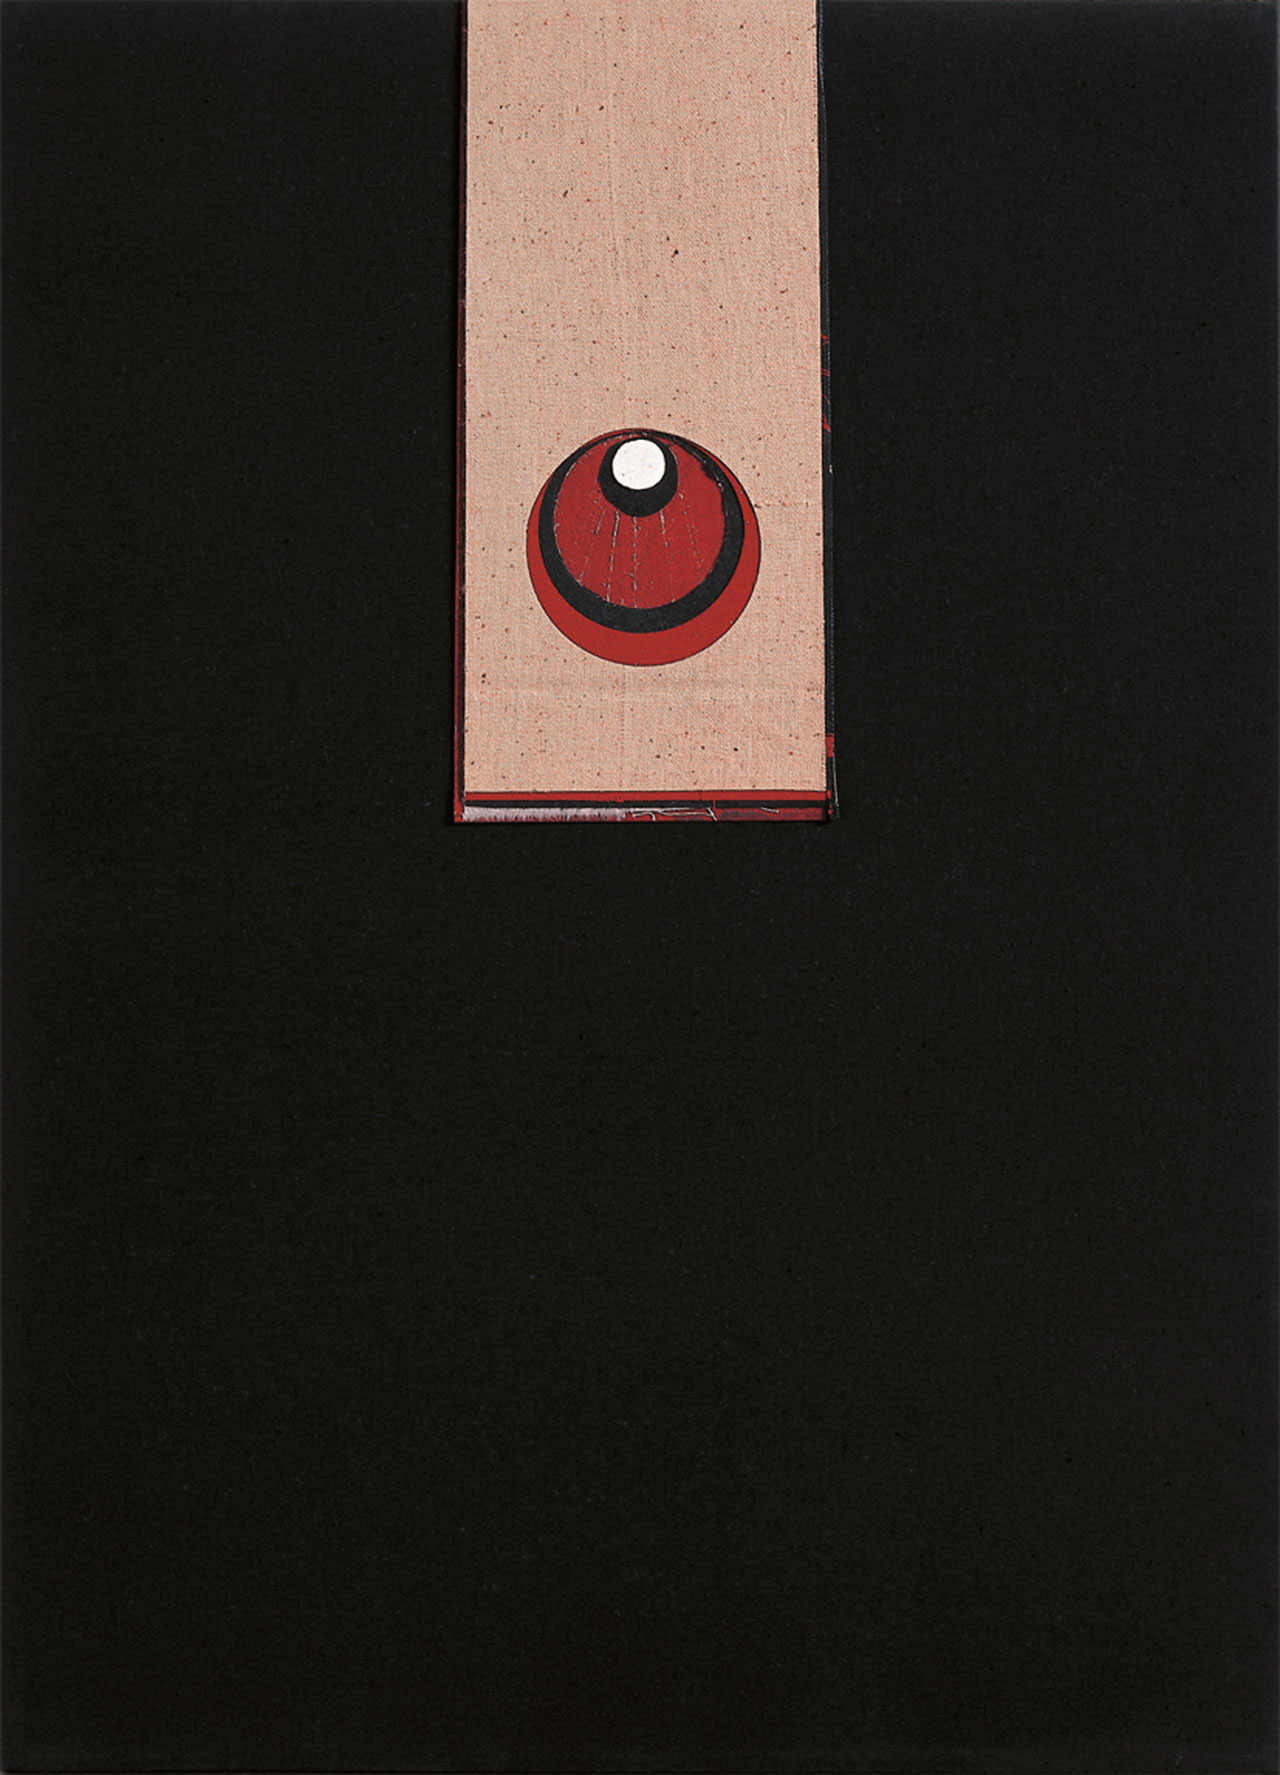 朱為白 歸元組合2 綿、麻 60x43.5cm